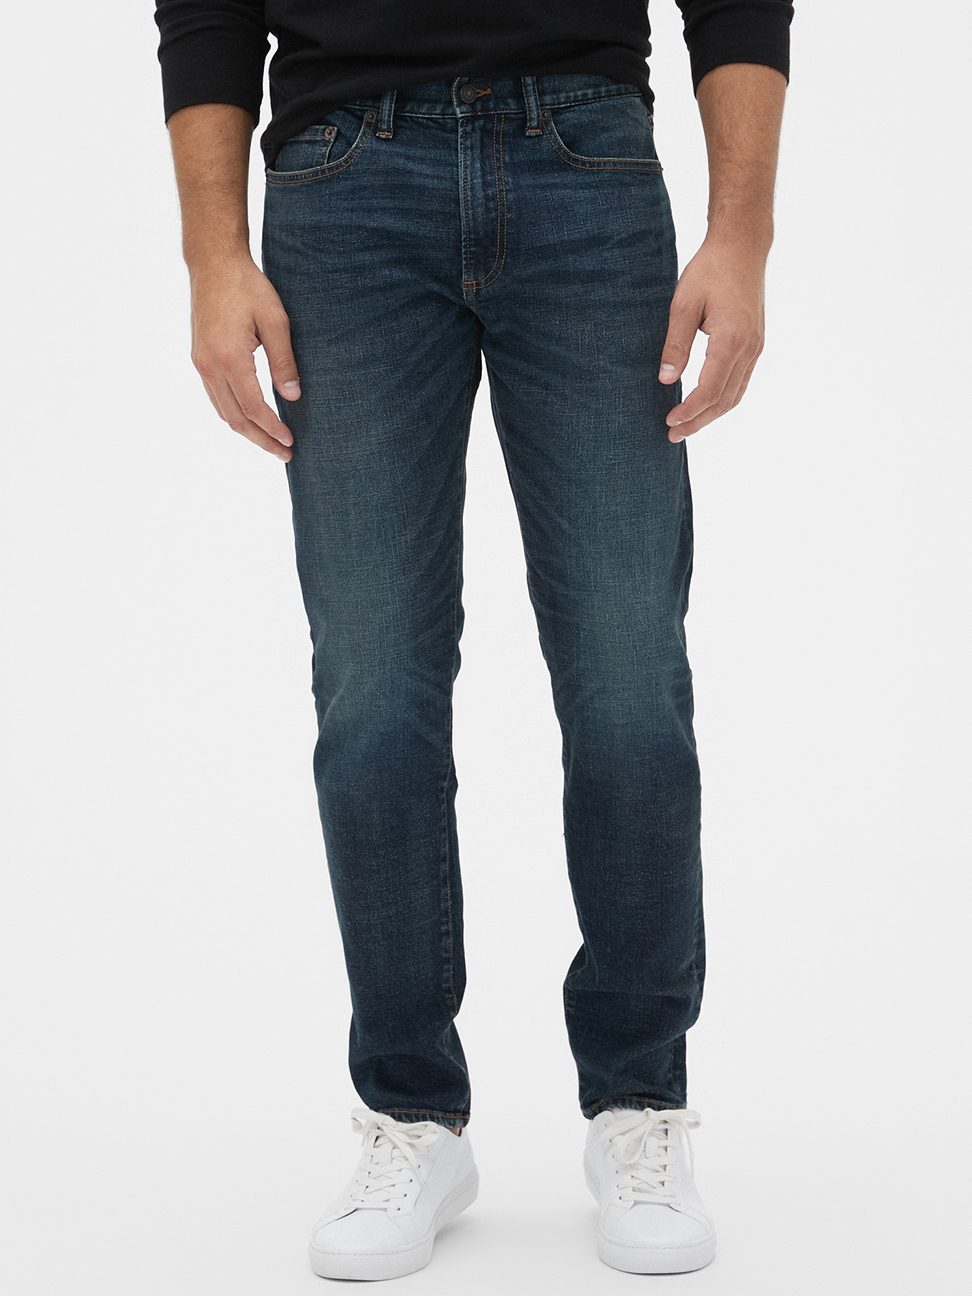 男裝 棉質水洗五口袋牛仔褲